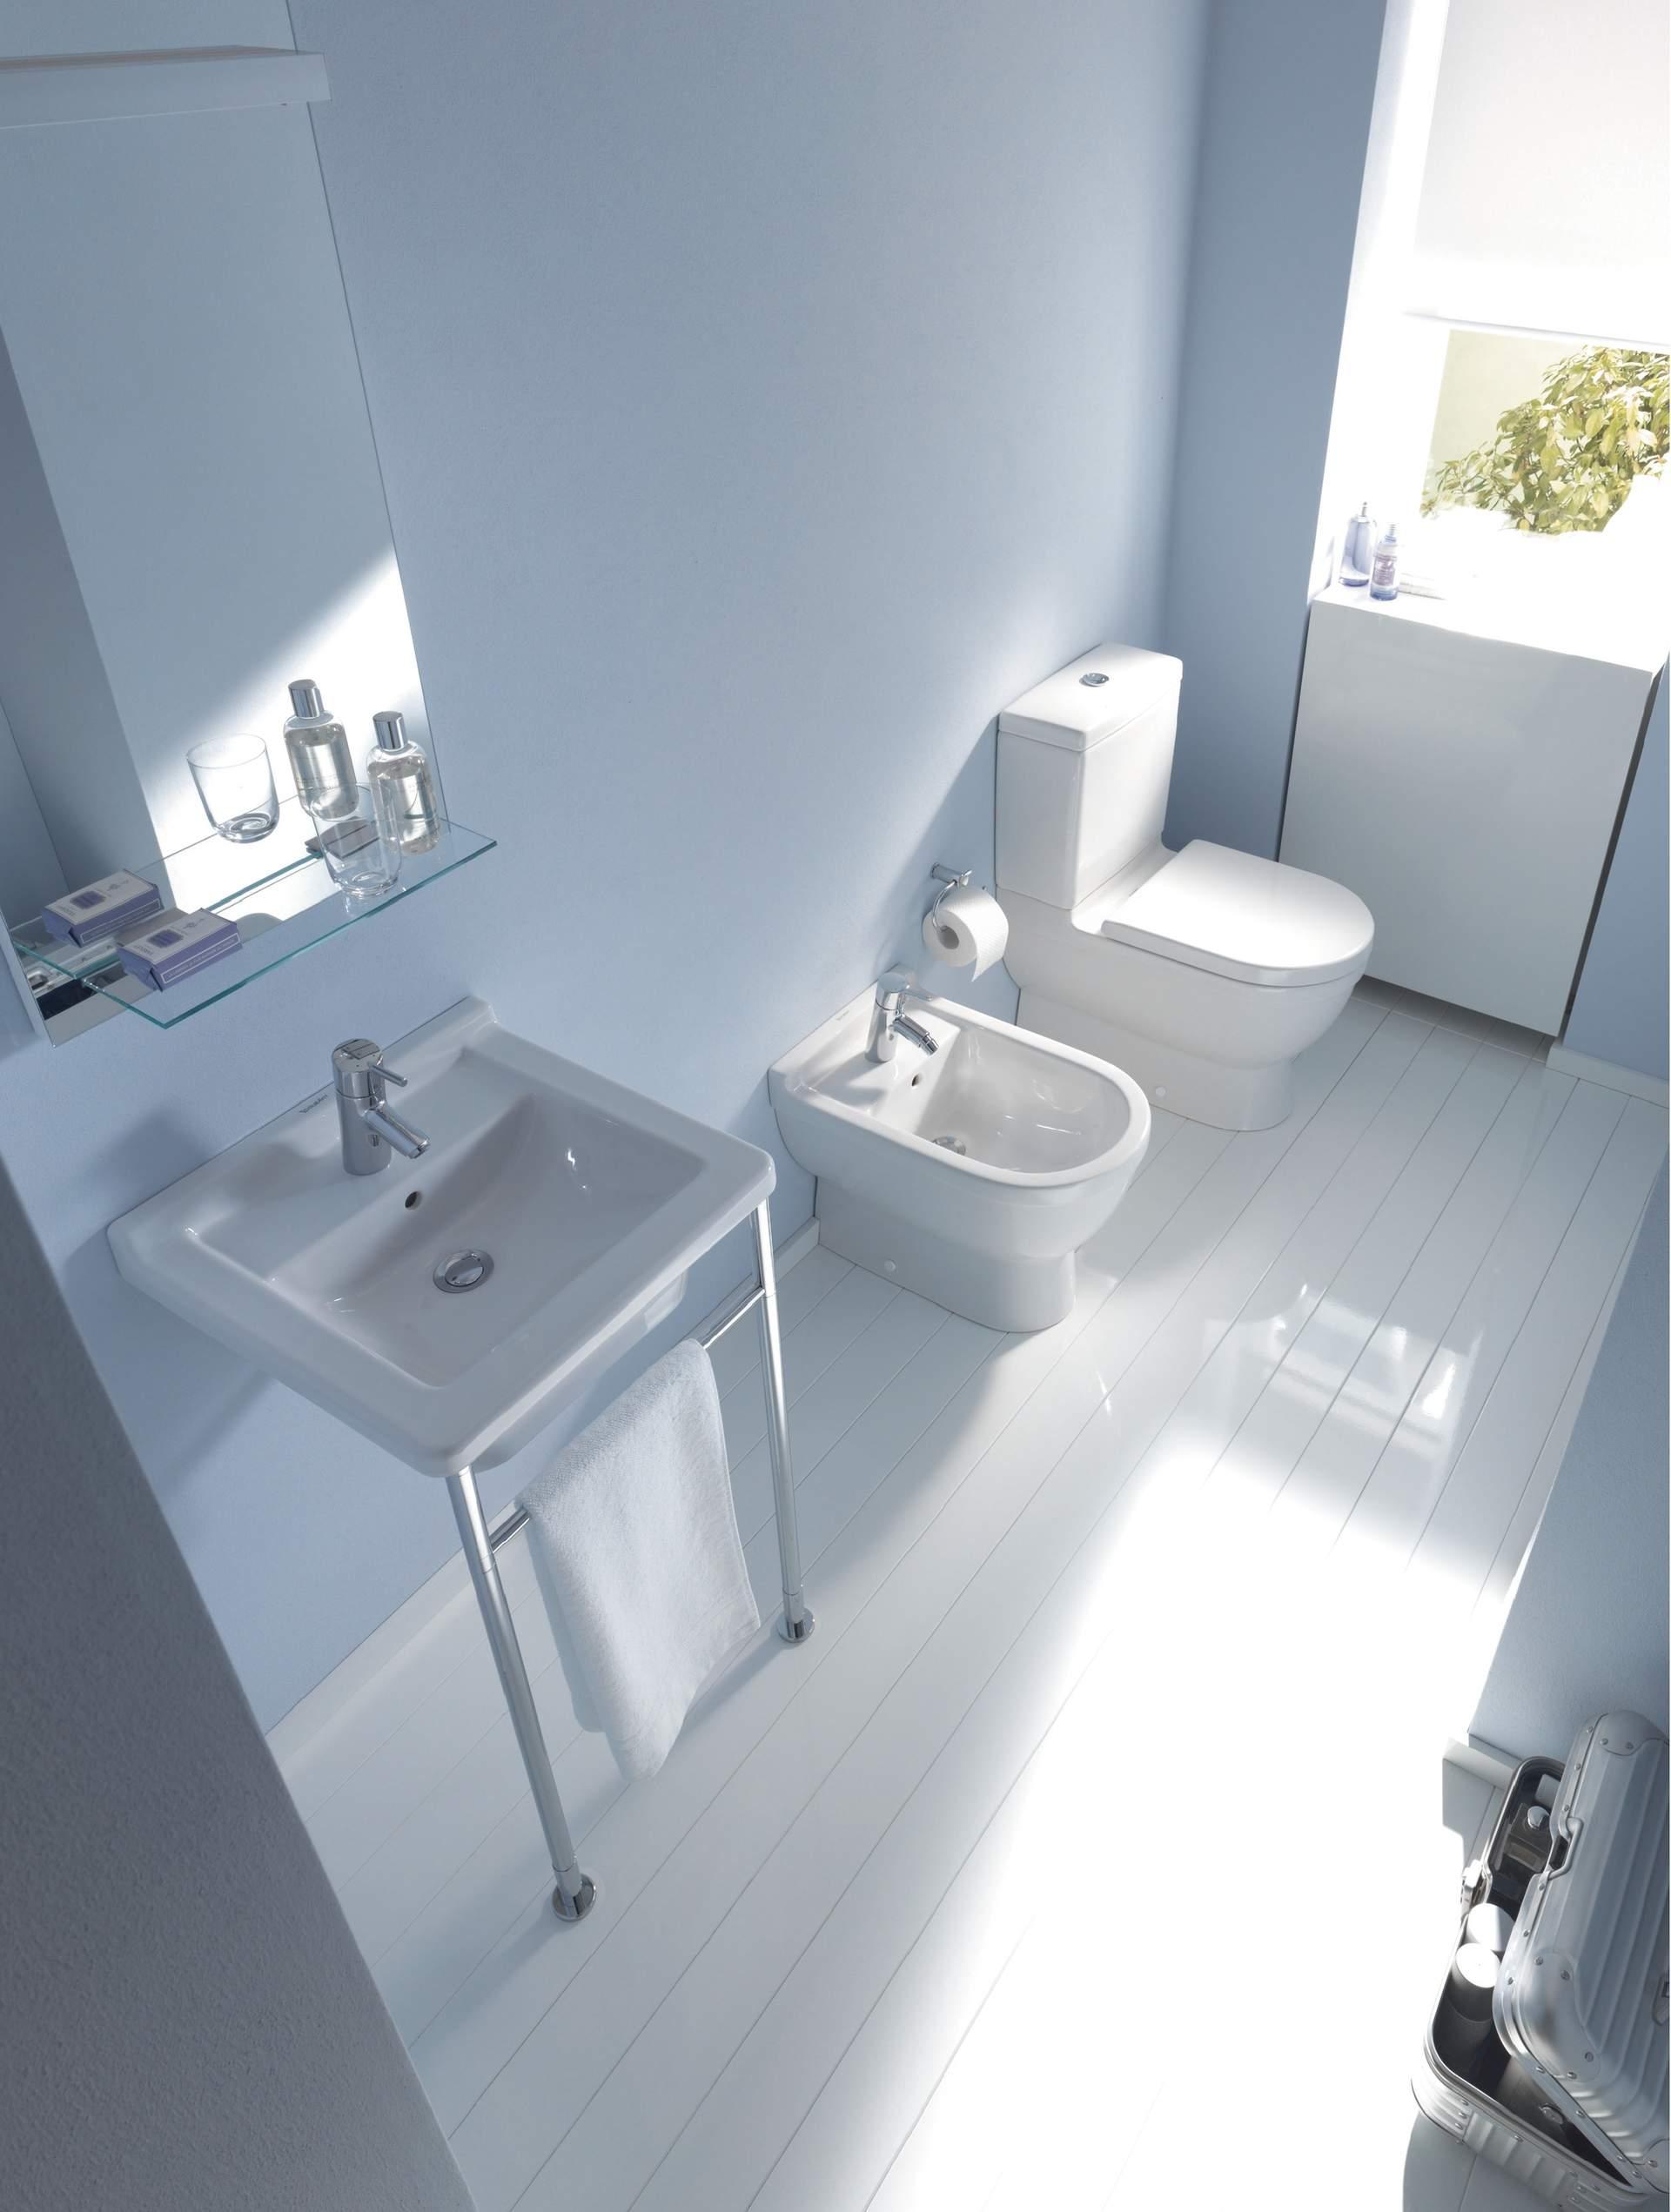 starck 3 waschtisch 030348 duravit. Black Bedroom Furniture Sets. Home Design Ideas